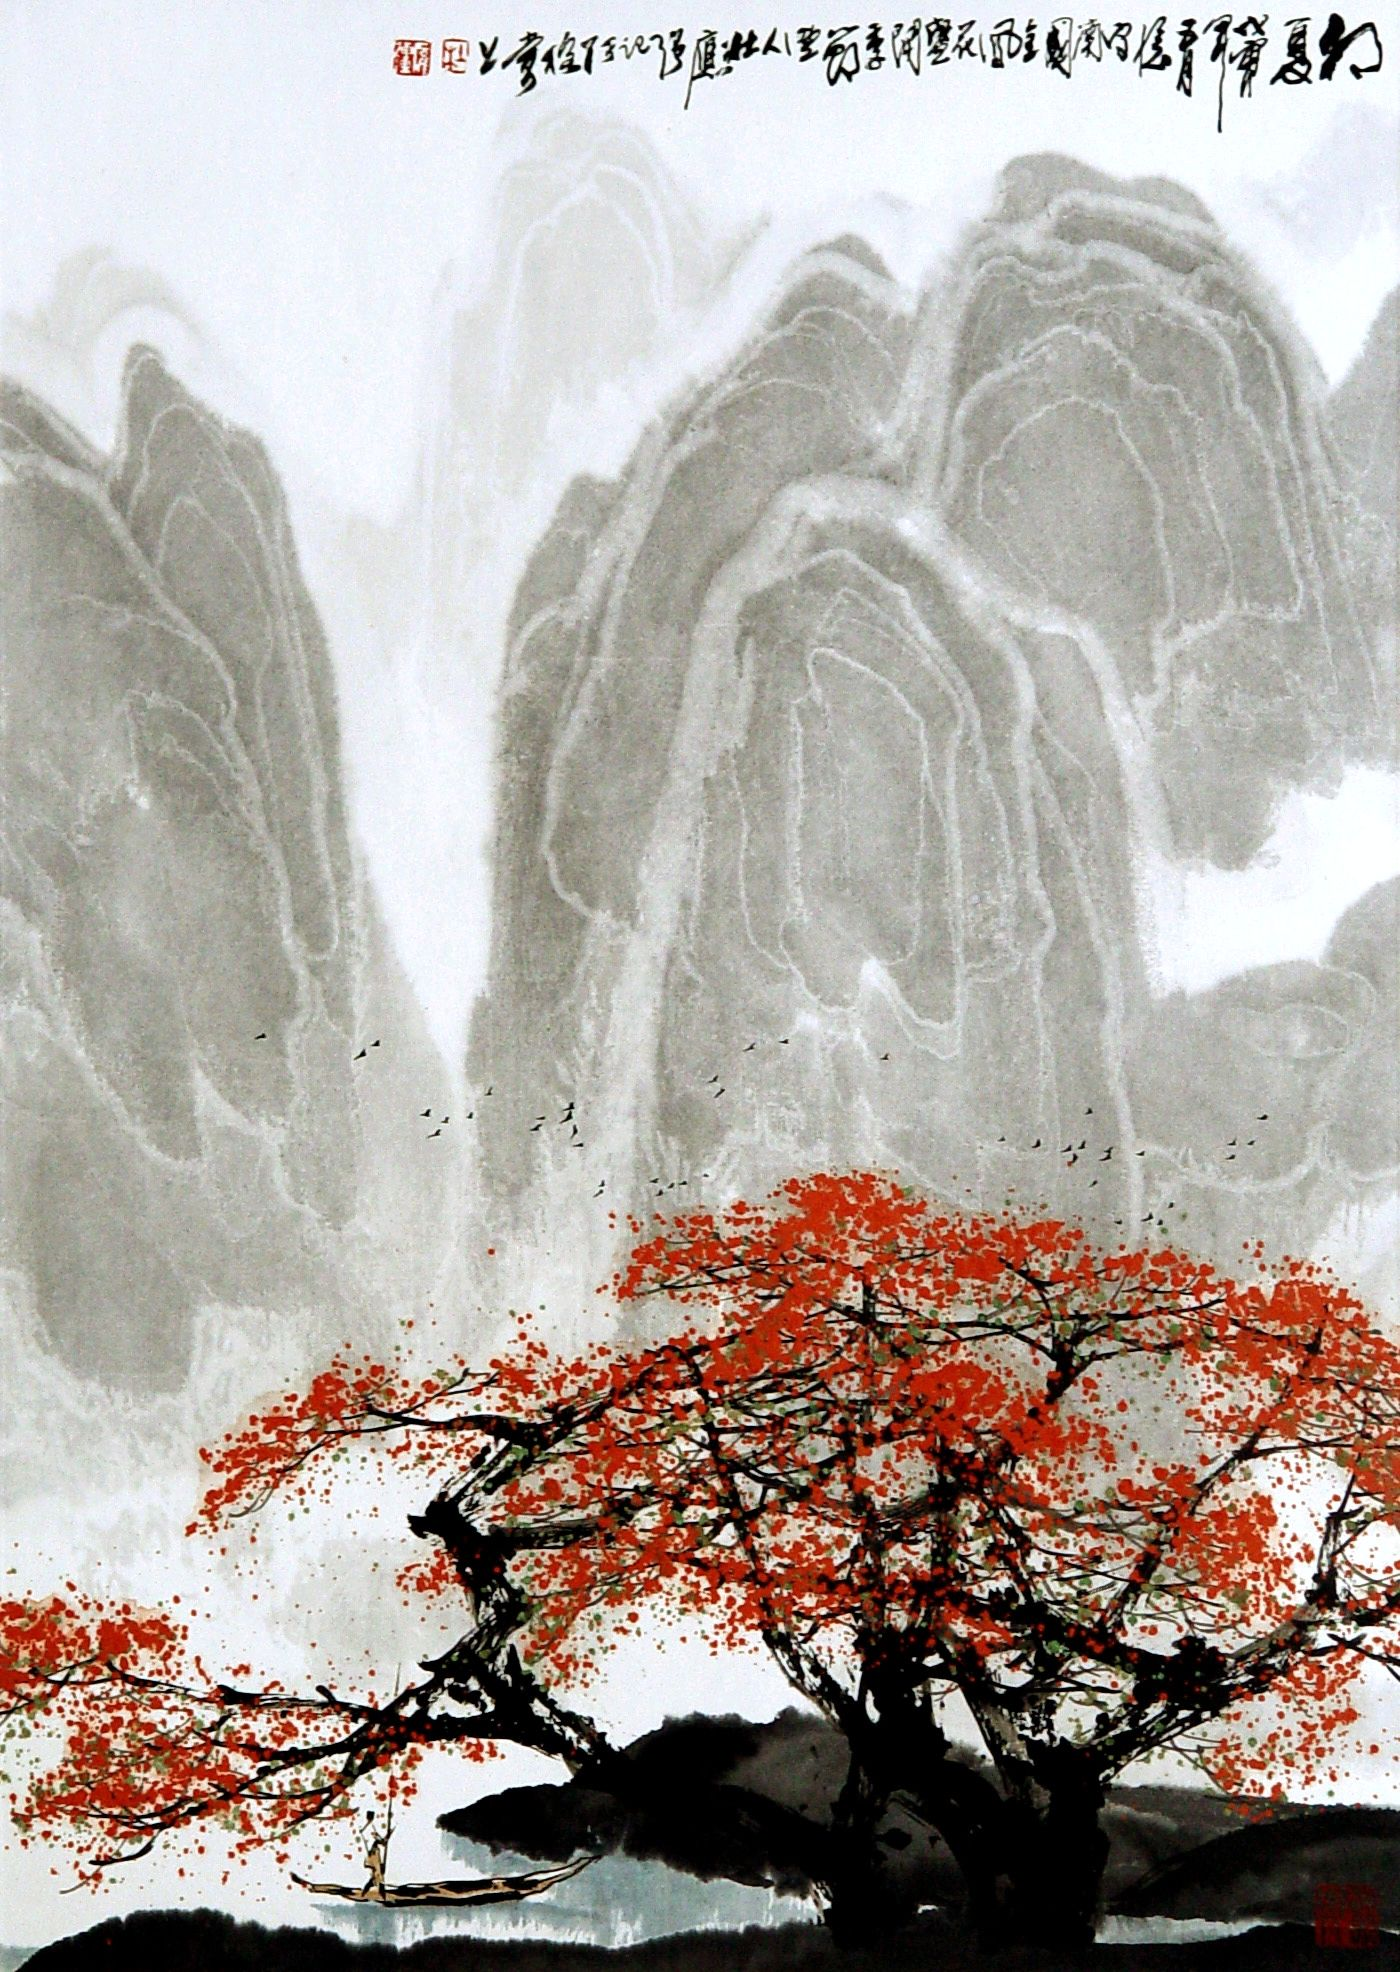 Ɲœæ‡‰å¼· Du Yingqiang ňå¤ 70x49 5cm Art Gallery Painting Mountain Landscape Ink Exhibition Tree Su Chinese Landscape Painting Chinese Painting Japanese Art